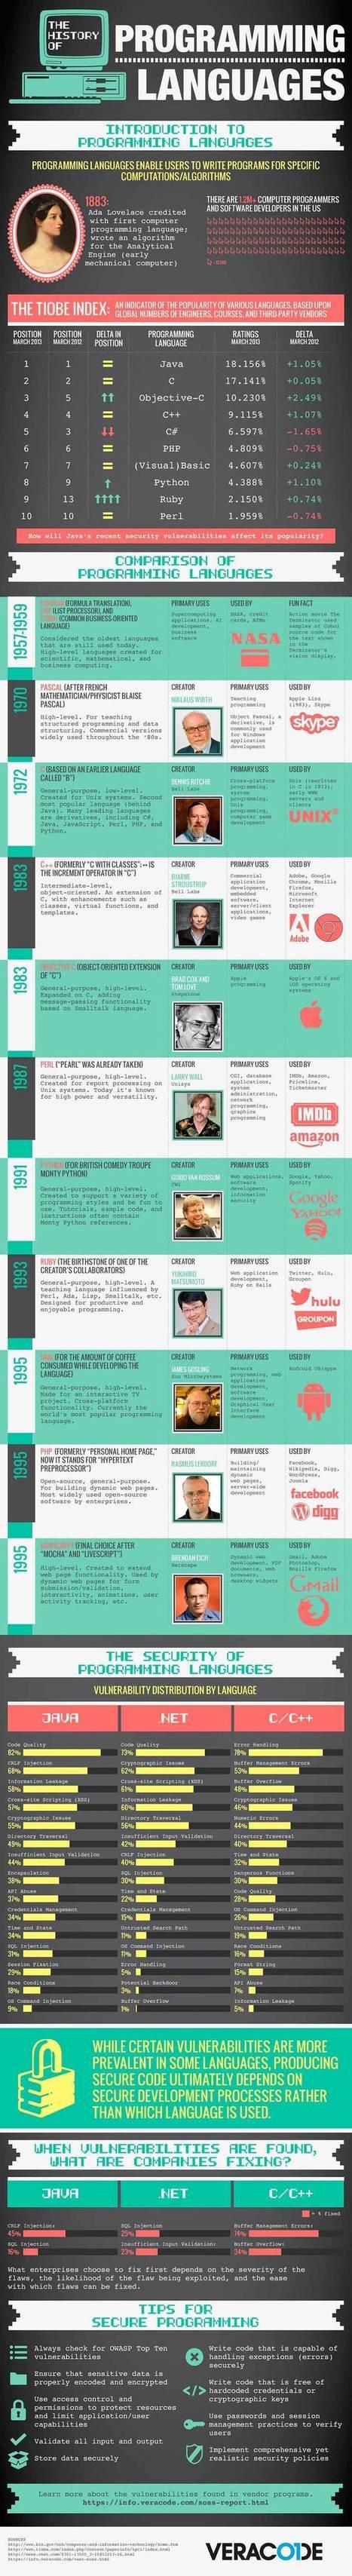 Historia de los lenguajes de programación – infografía | Replicantes | Scoop.it